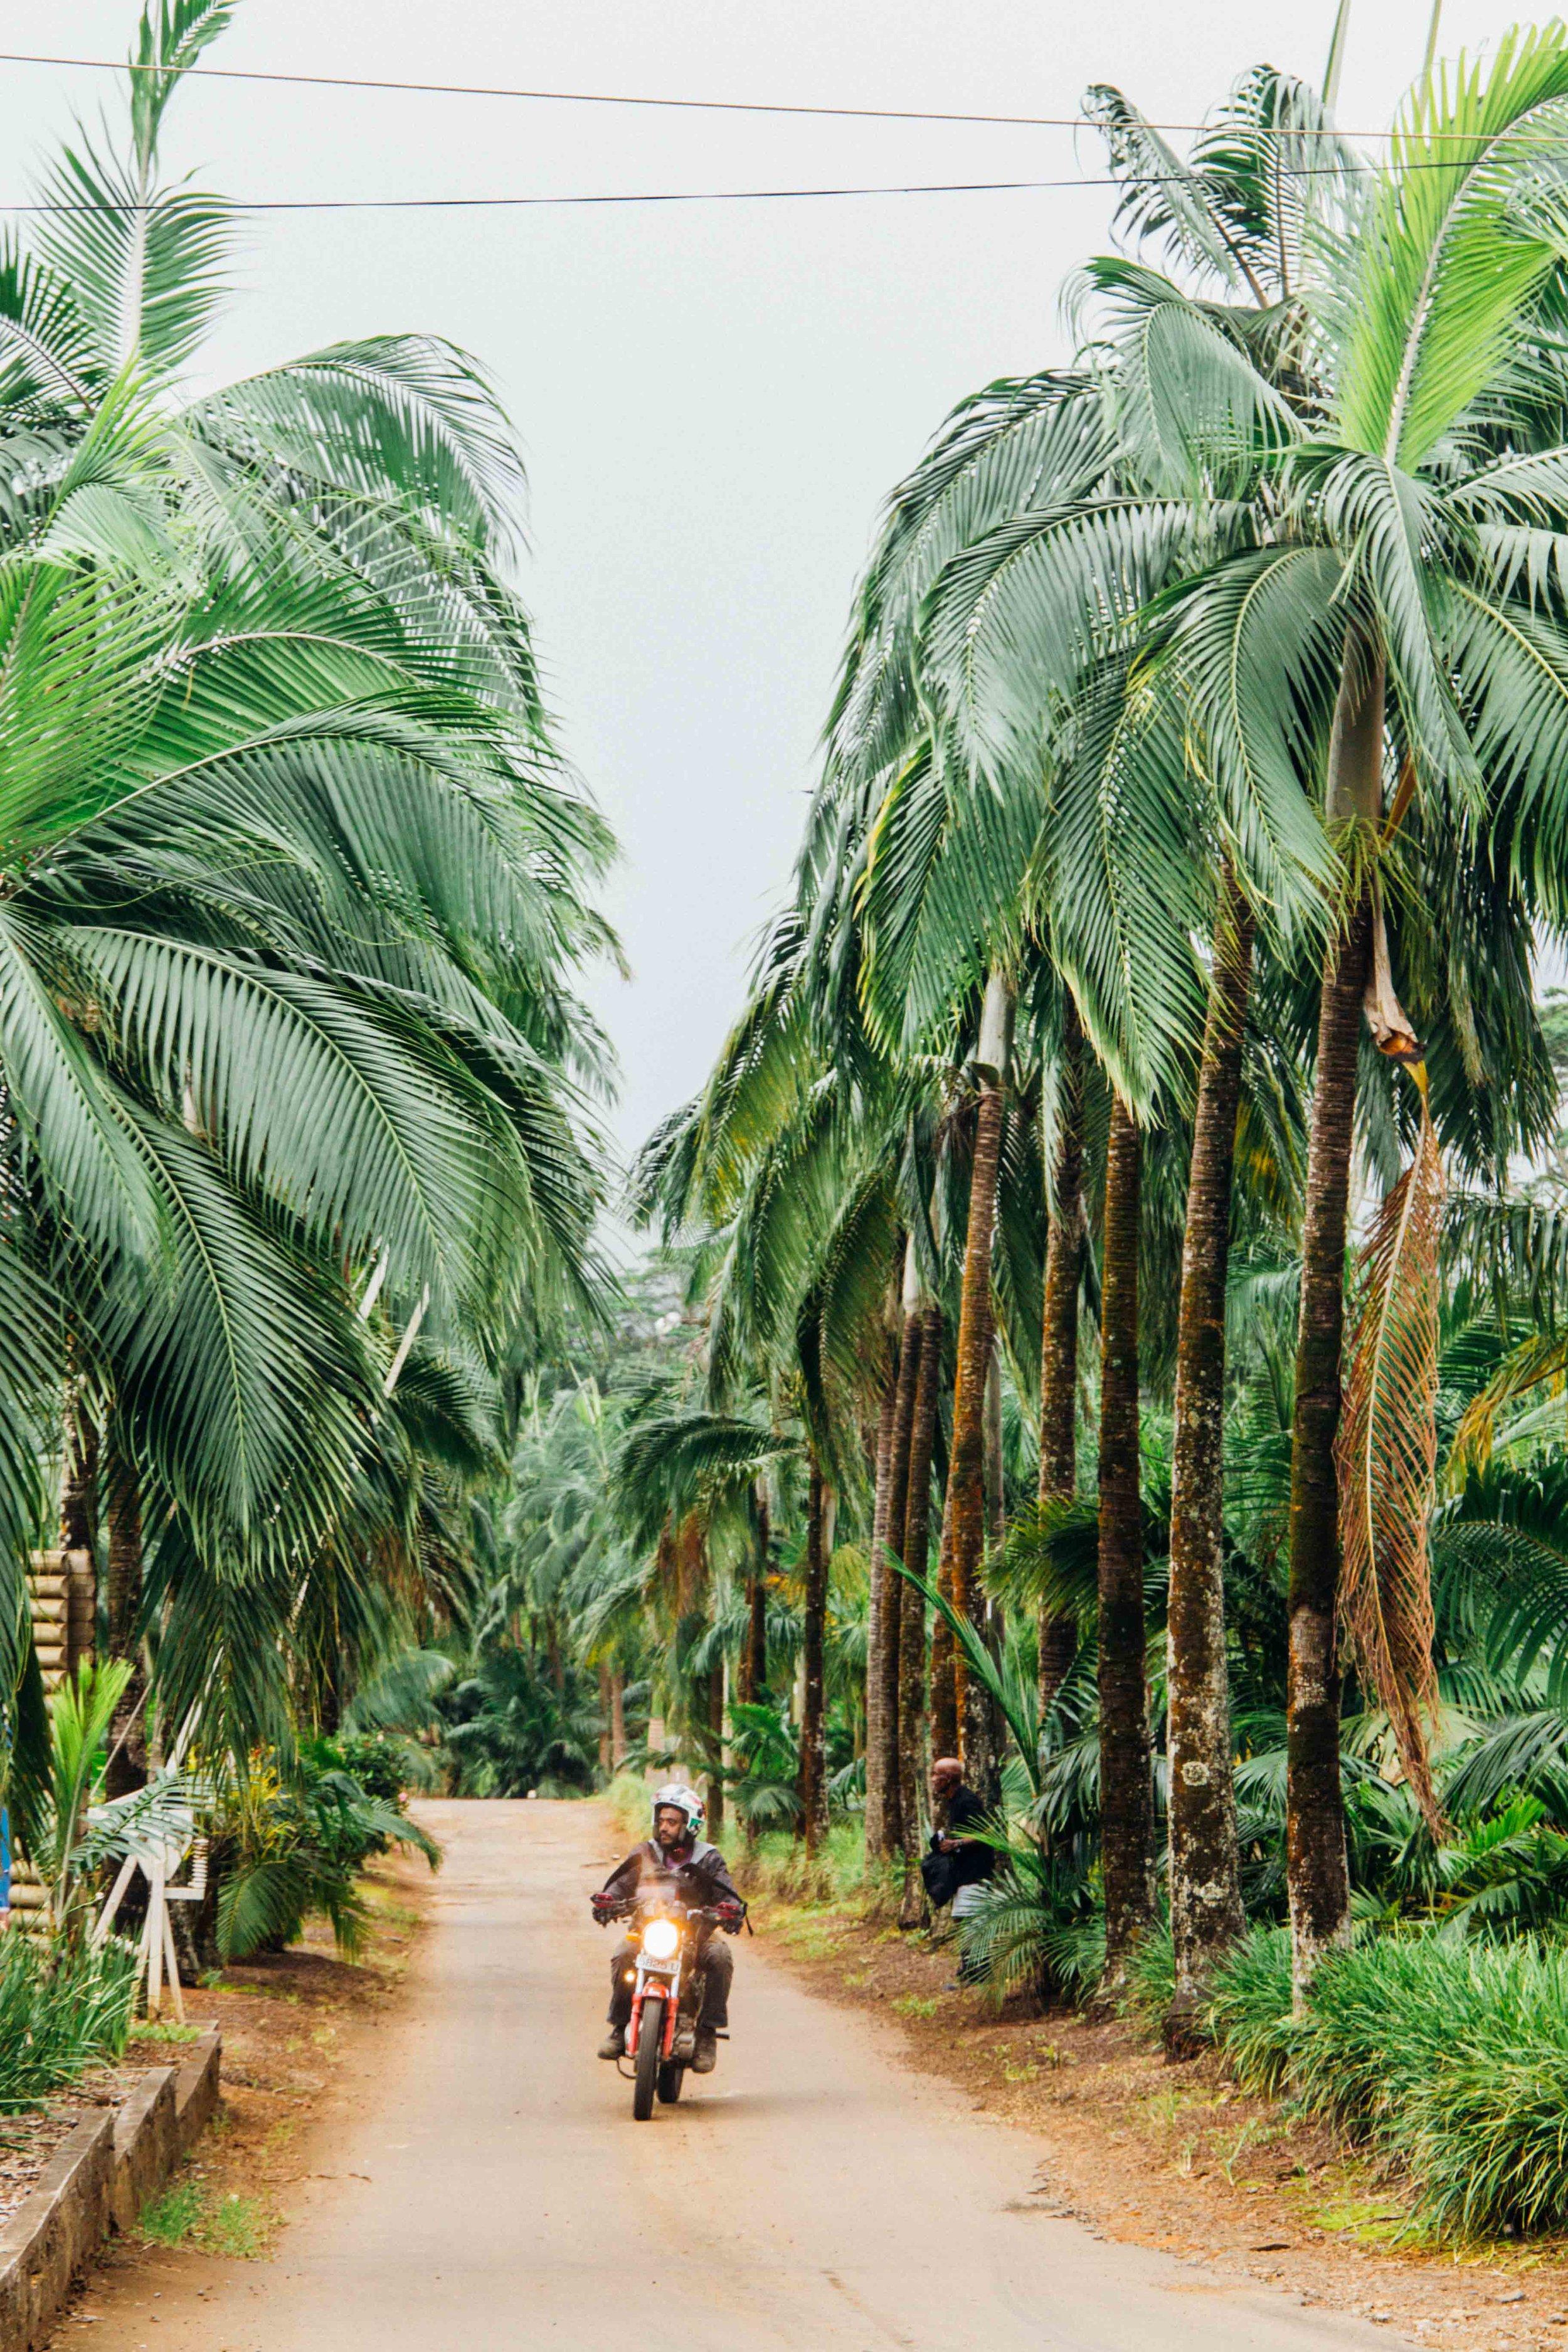 Road near the Seven Coloured Earth, Mauritius,